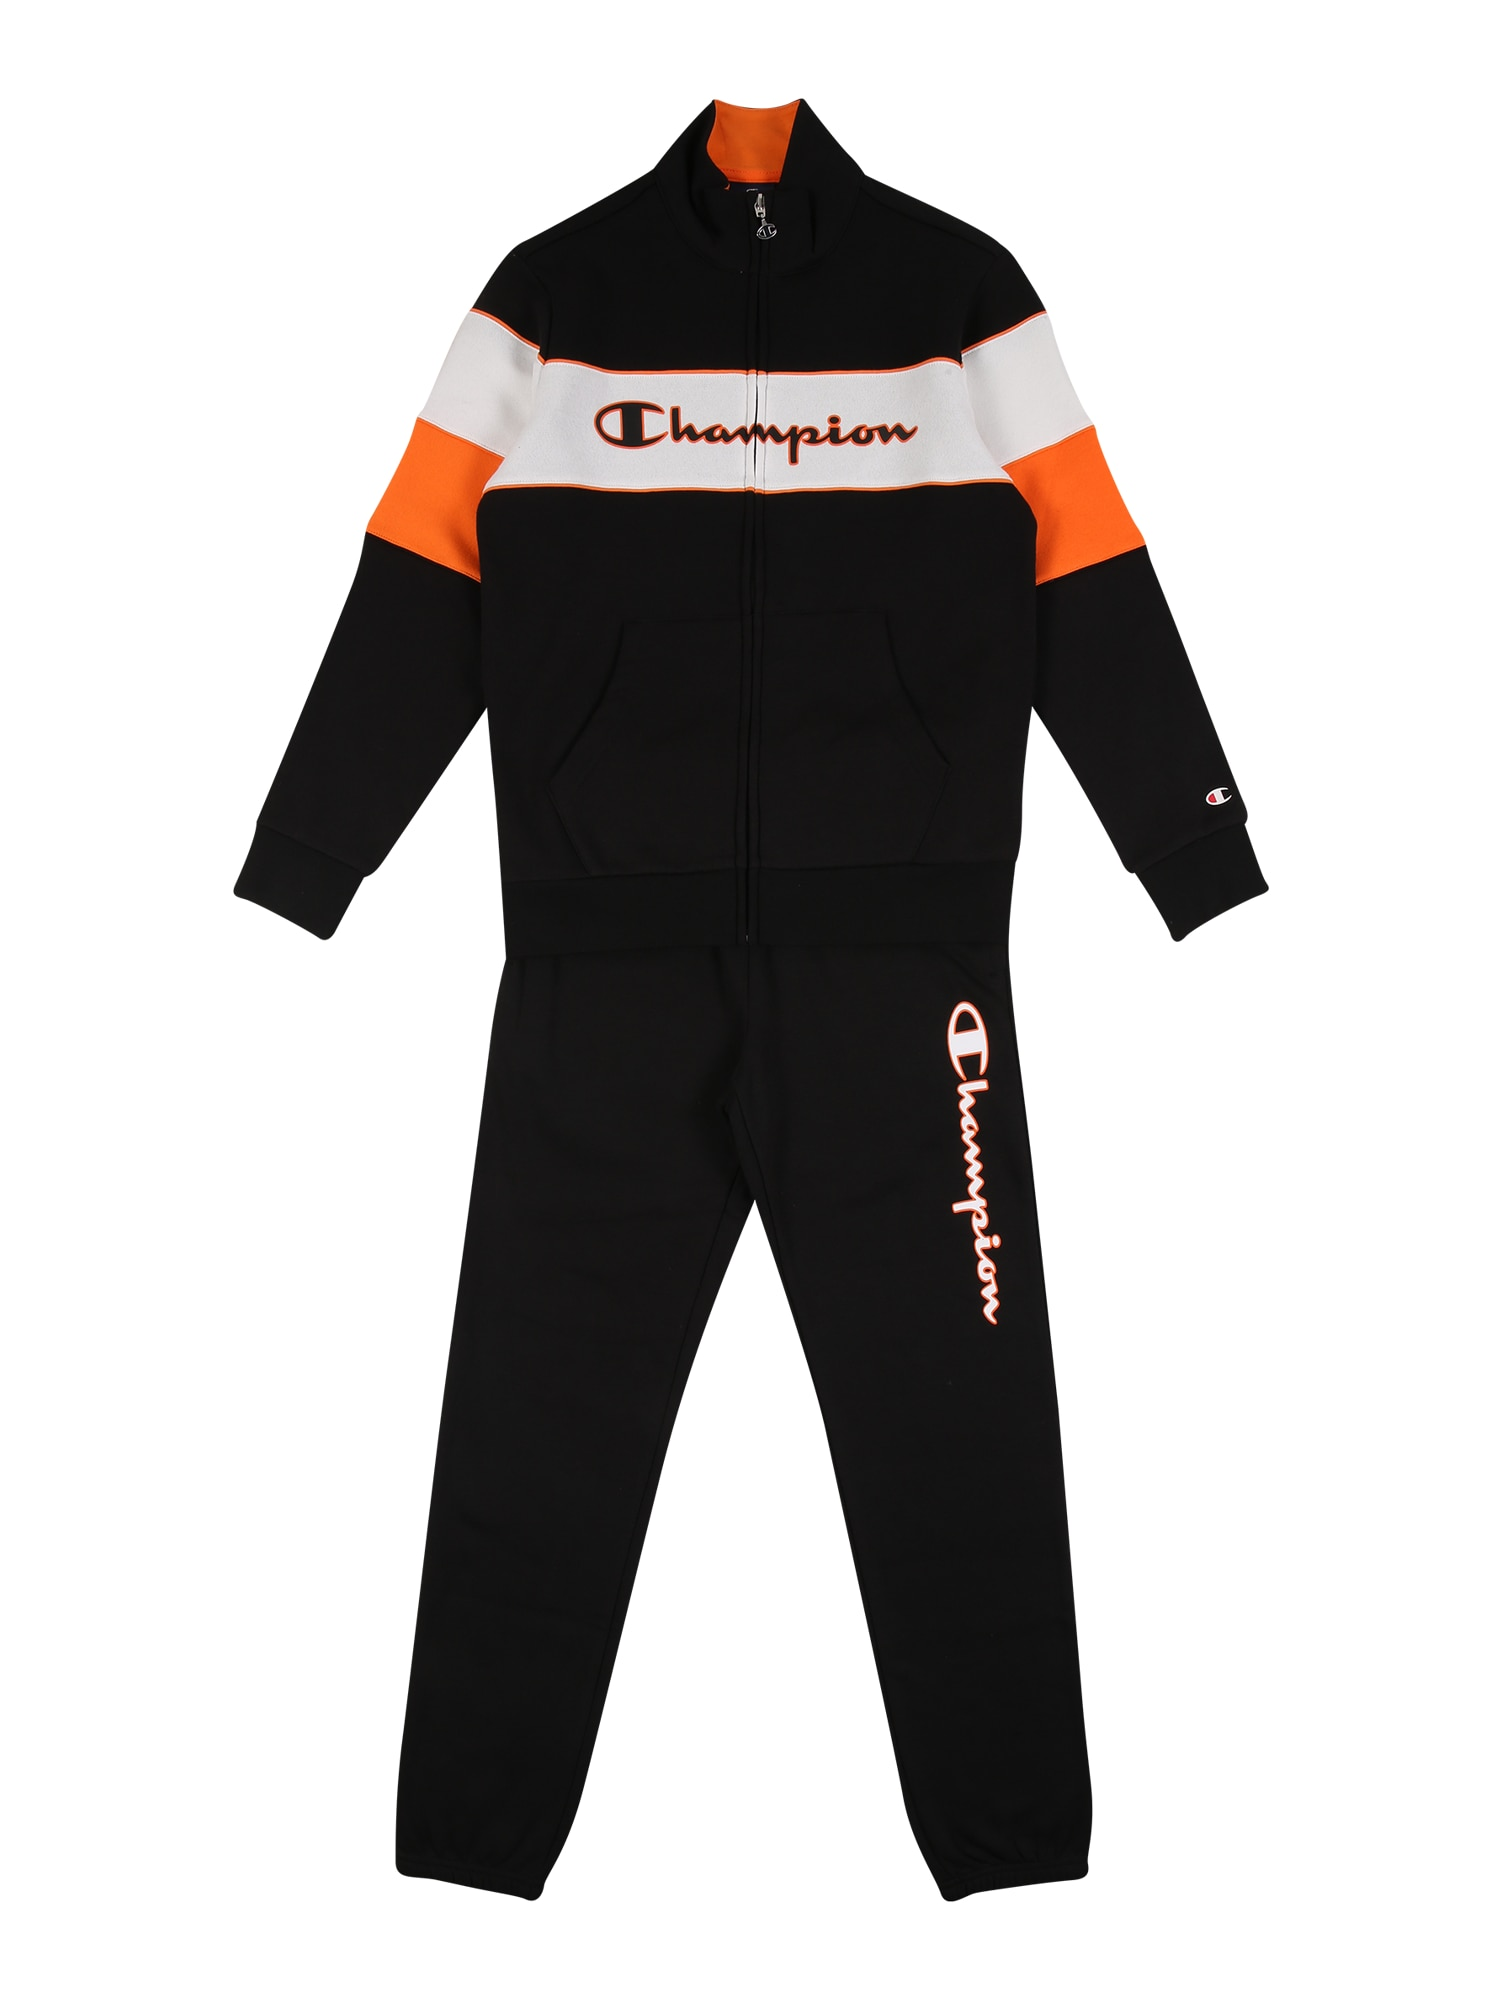 Champion Authentic Athletic Apparel Treniruočių kostiumas juoda / balta / oranžinė